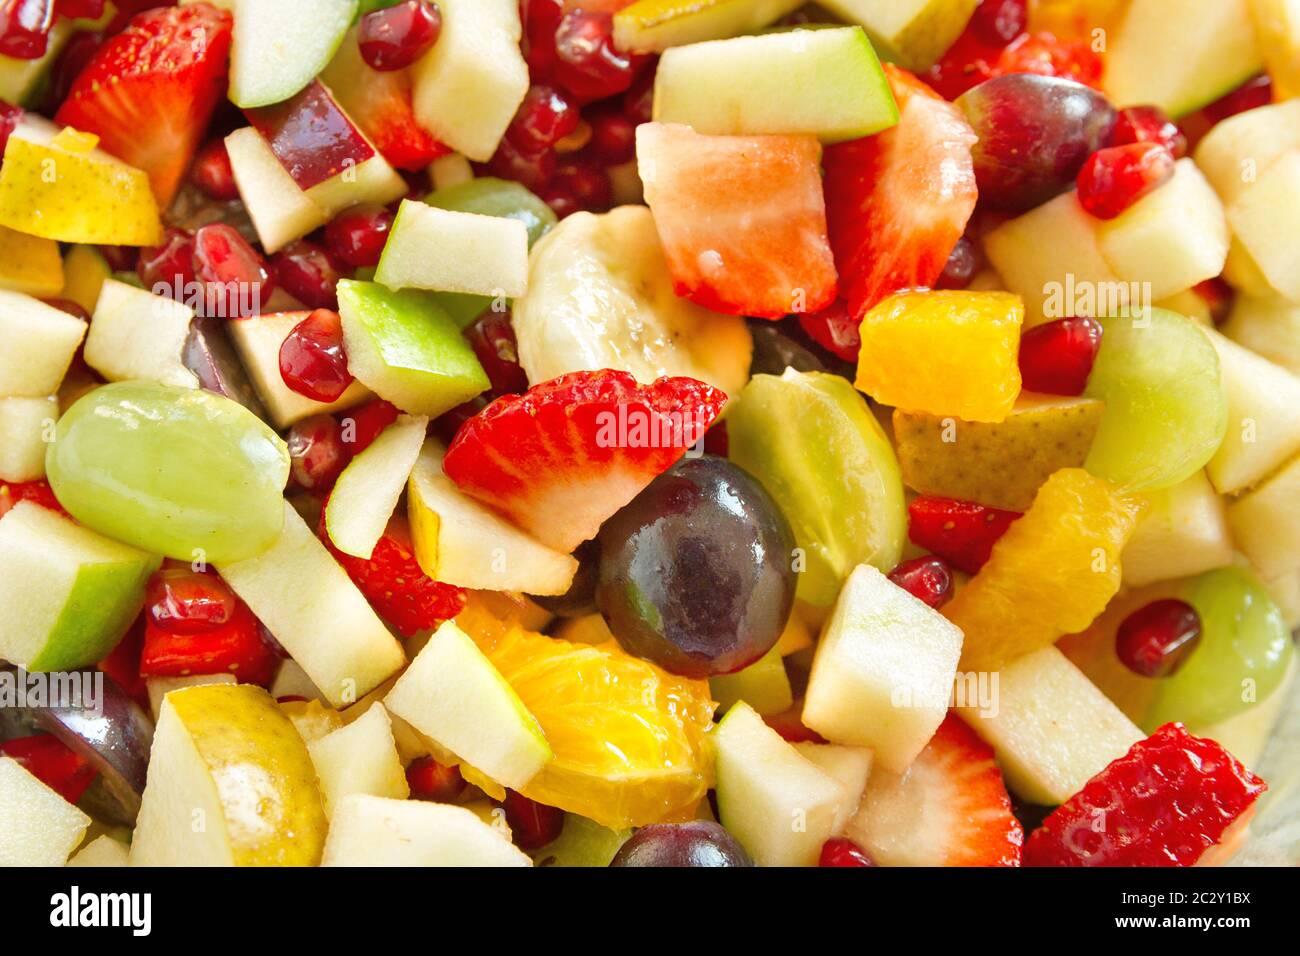 Ensalada De Frutas Con Muchas Frutas Cortadas Diferentes Fotografía De Stock Alamy